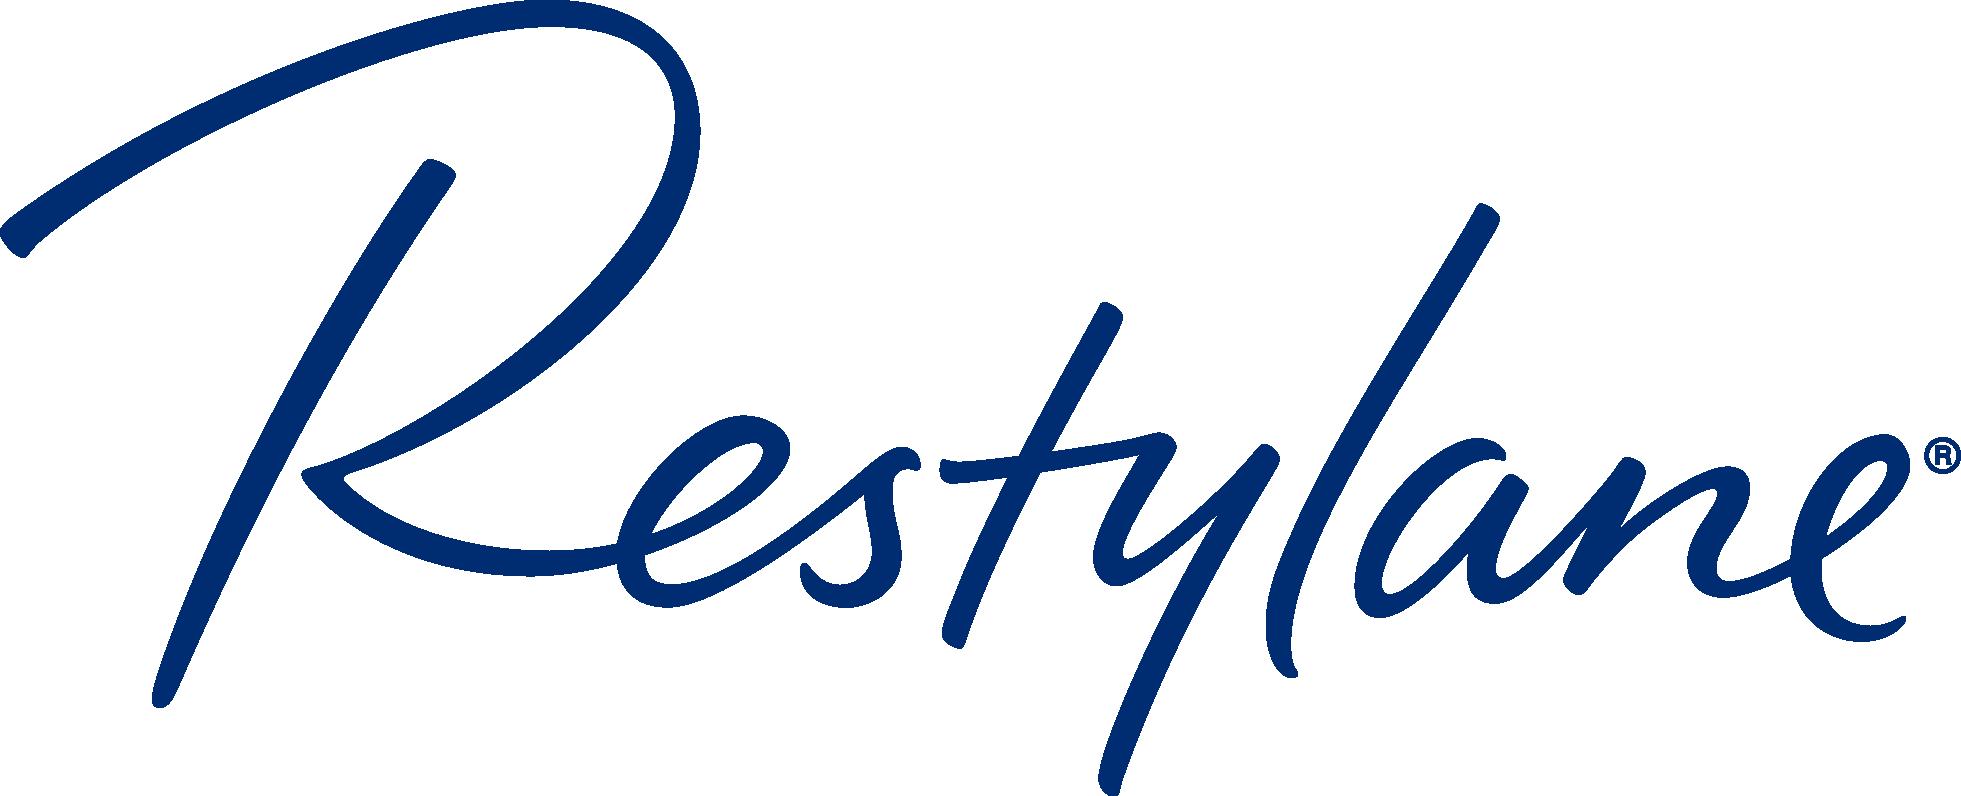 Restylane_L_RGB.png